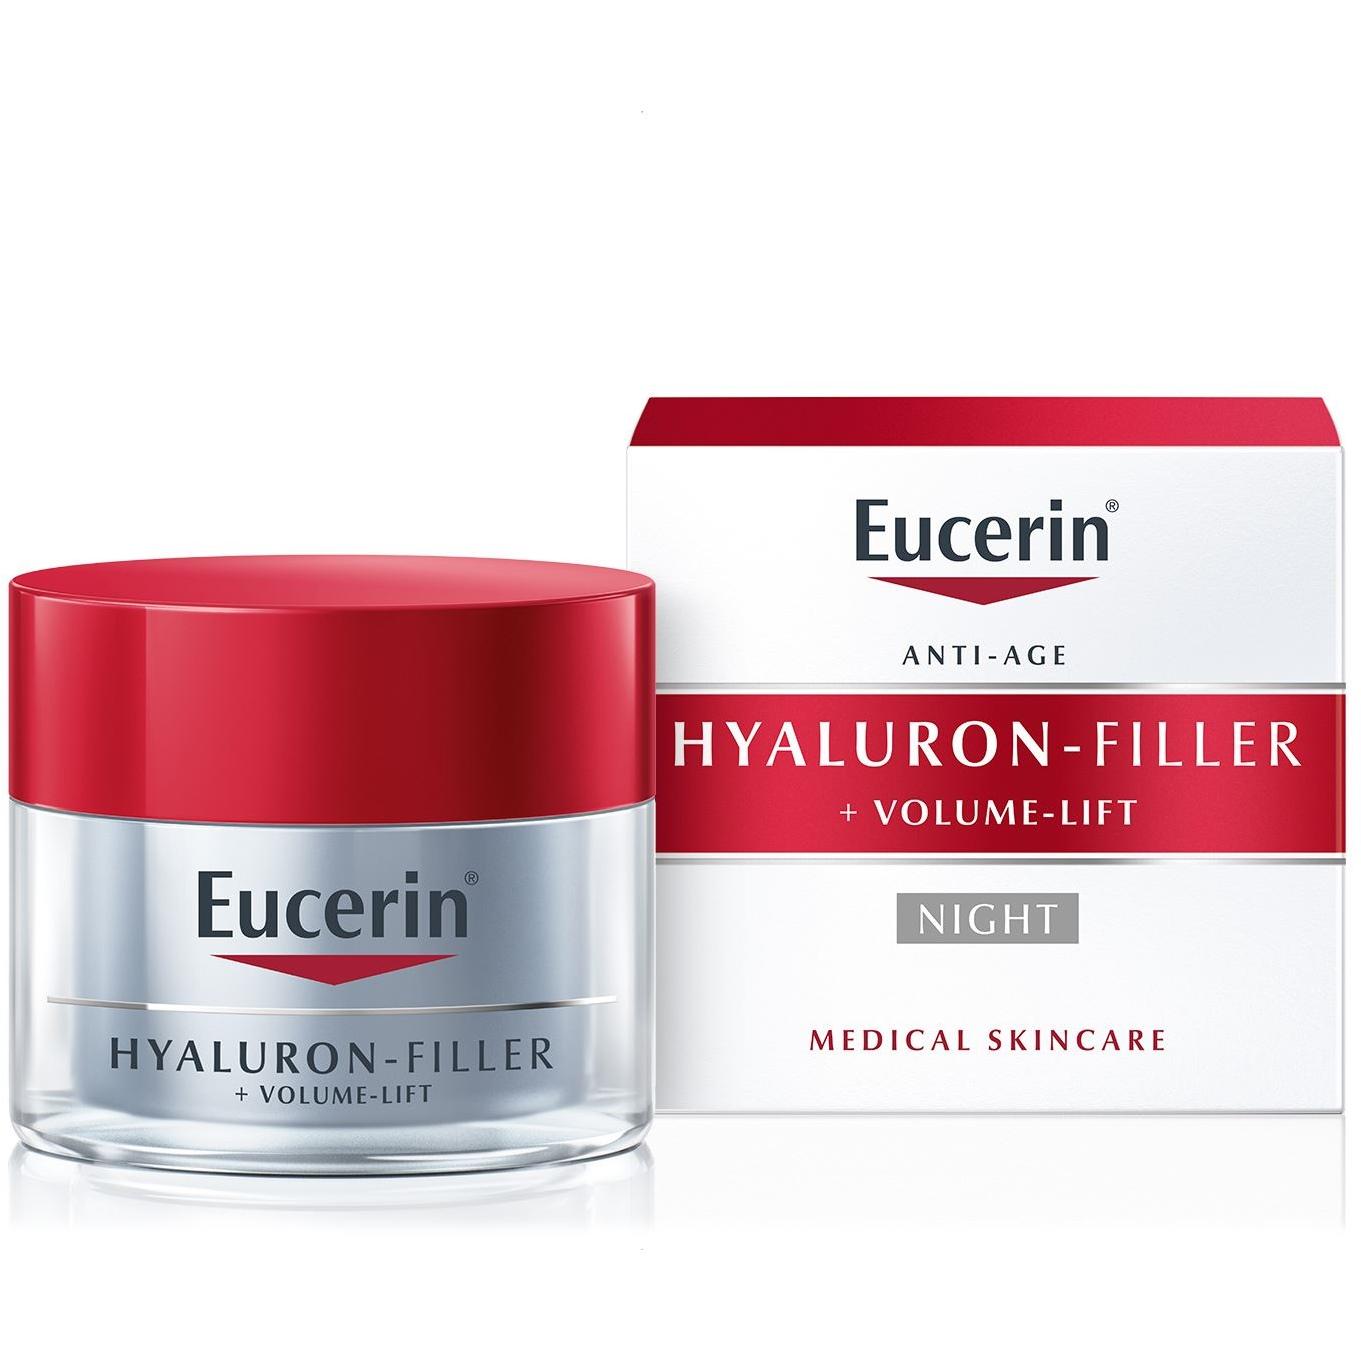 Eucerin Hyaluron-Filler + Volume-Lift Noite